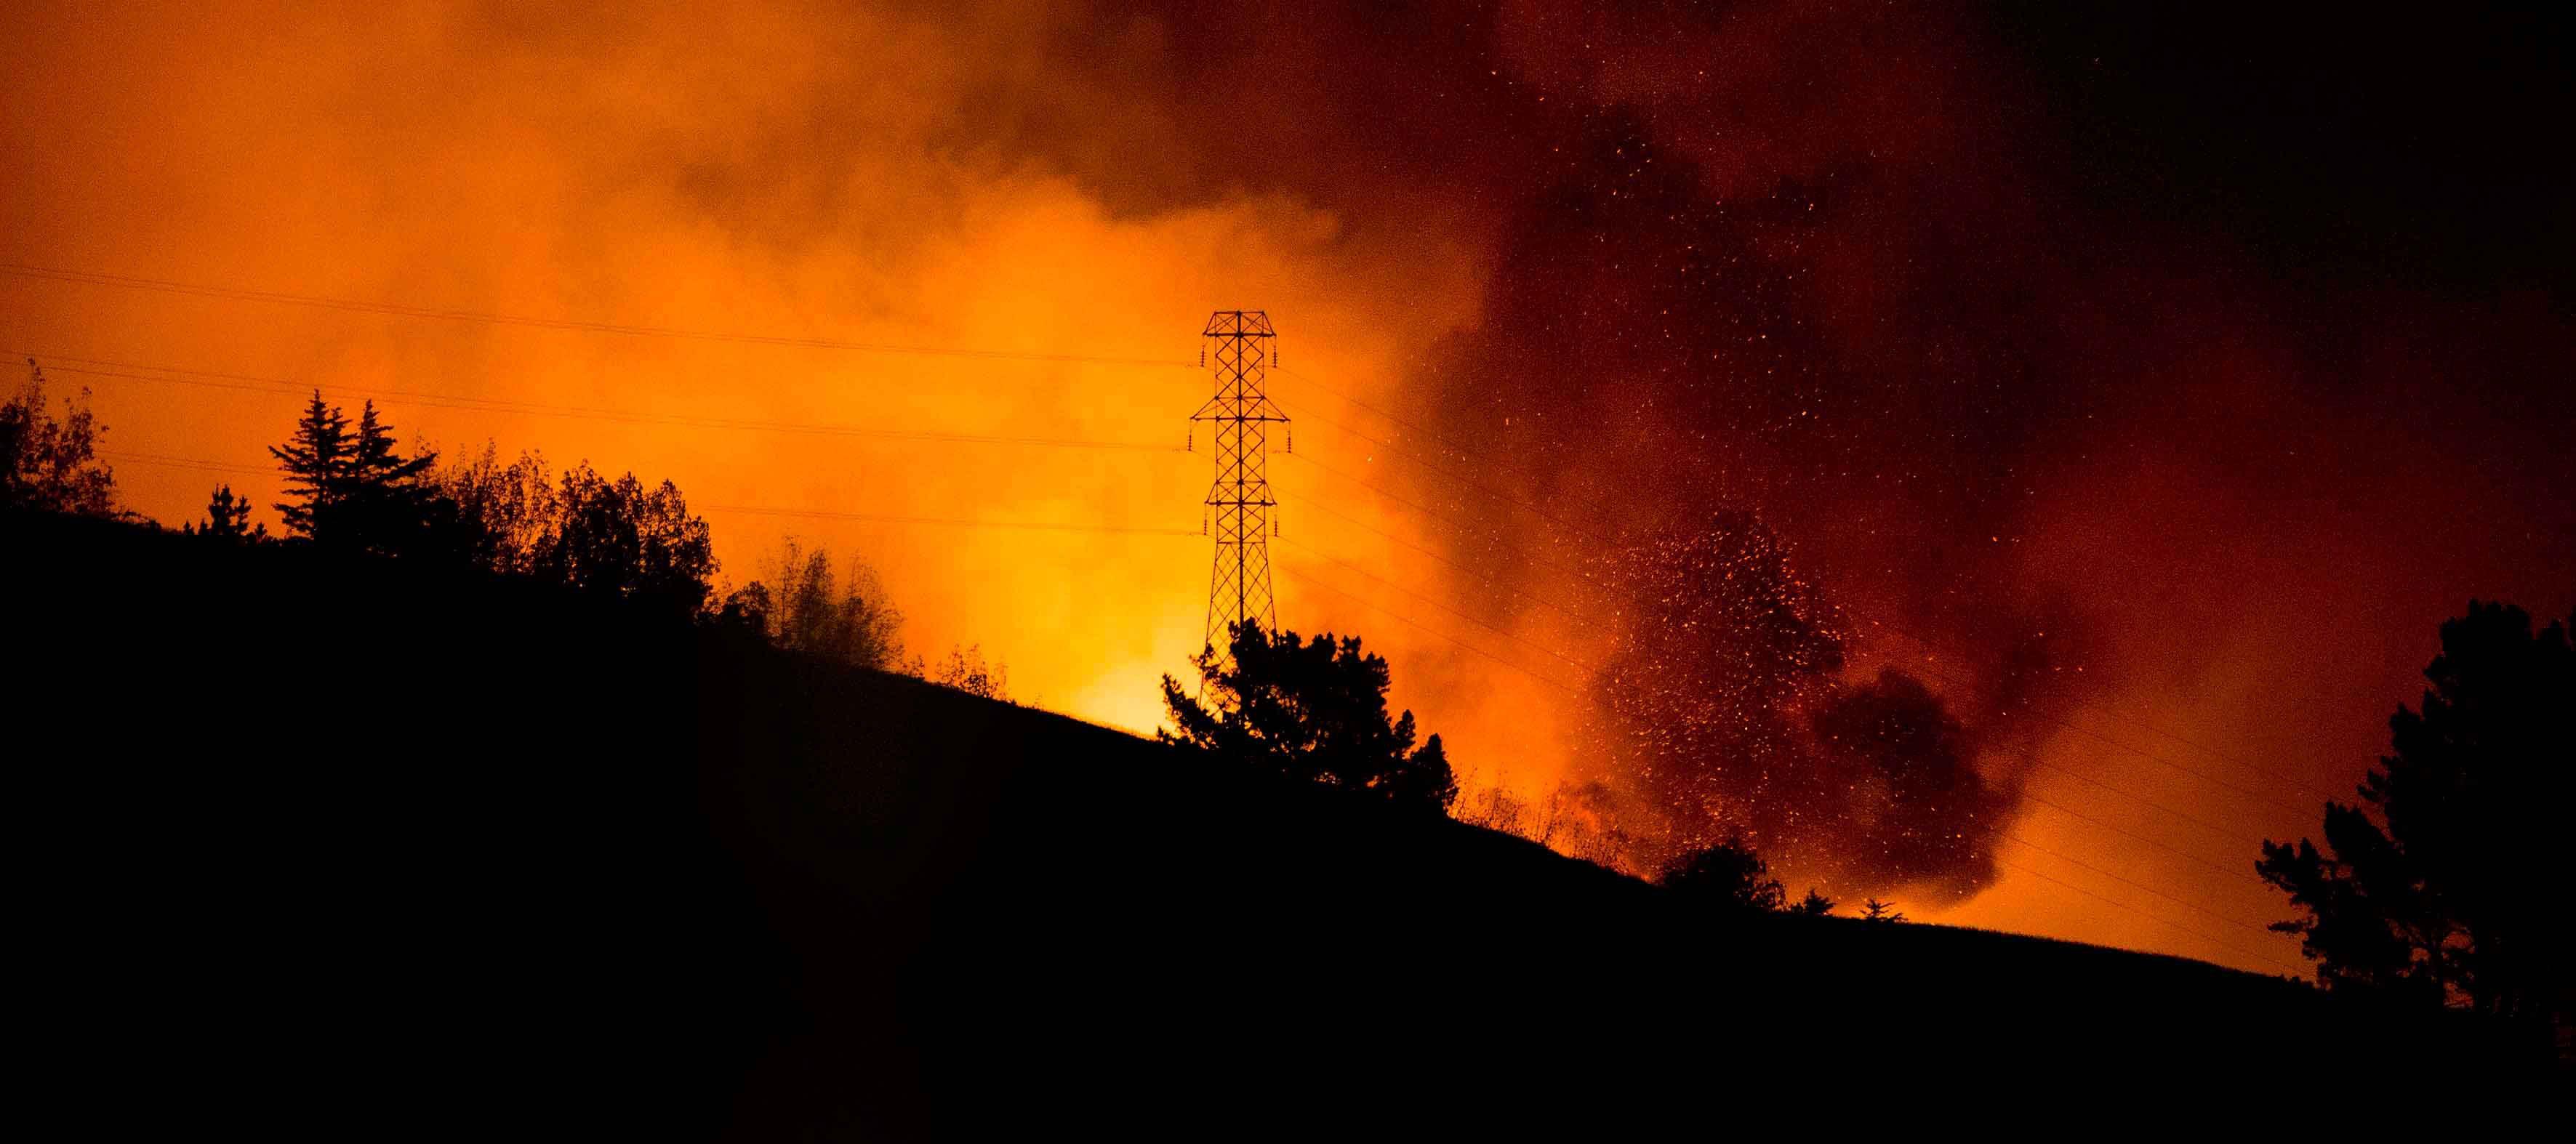 Stare de urgenta in Noua Zeelanda, din cauza unui incendiu de vegetatie.1000 de locuitori au fost evacuati